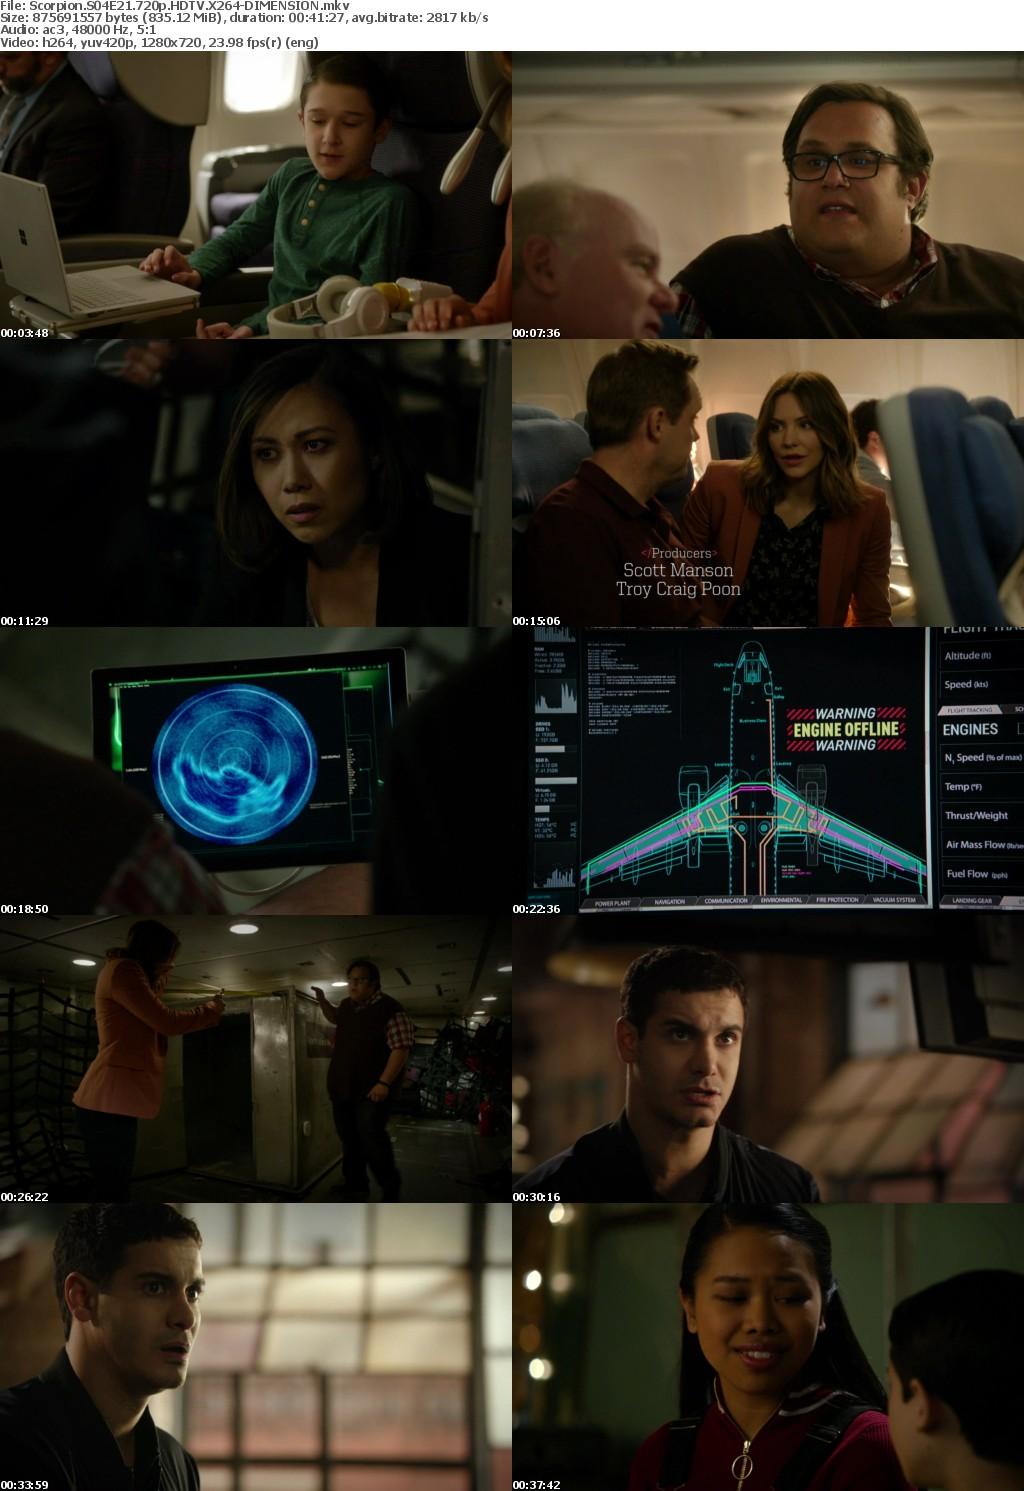 Scorpion S04E21 720p HDTV X264-DIMENSION